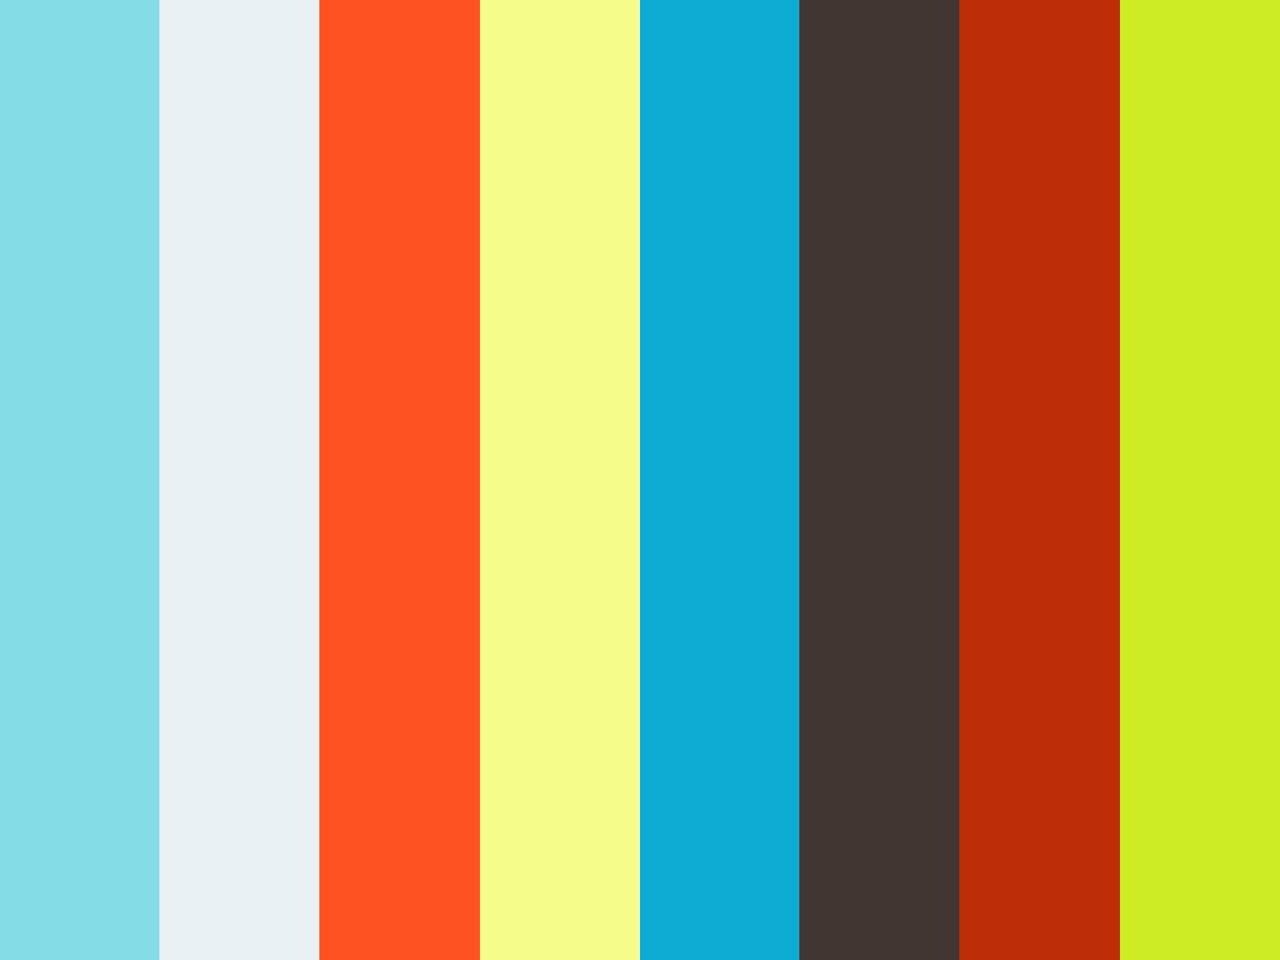 DRTV 20_ONLINE_ALGEMEEN_LEES MEER 1080x1080 DEF